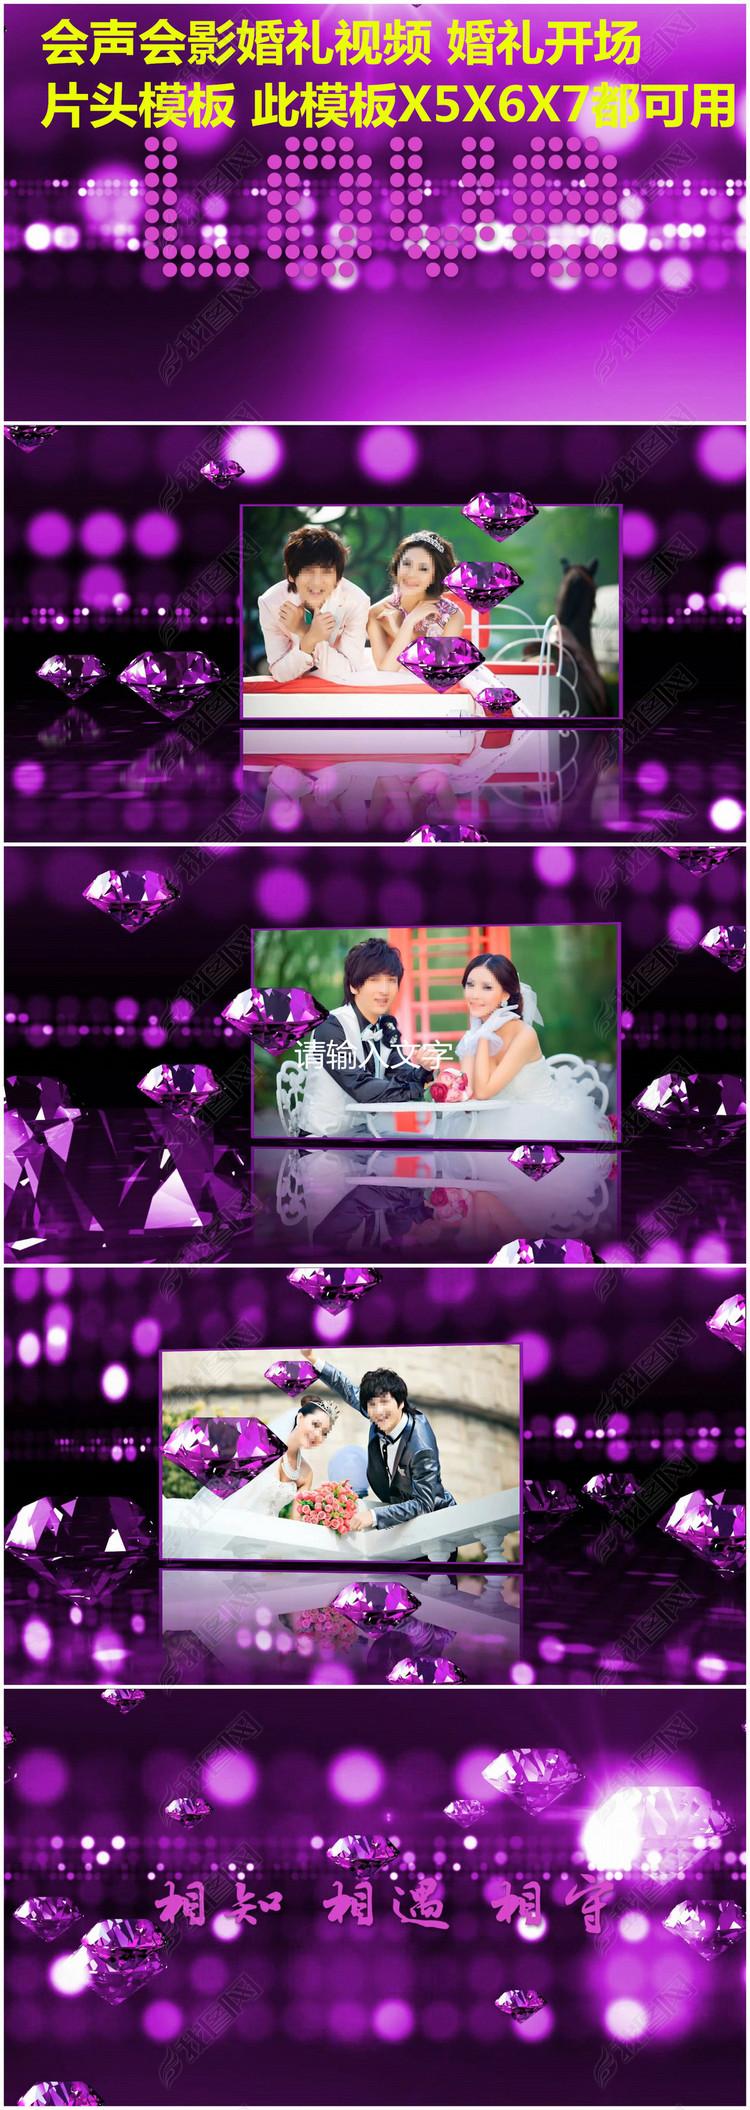 会声会影婚礼视频模板婚礼开场视频模板